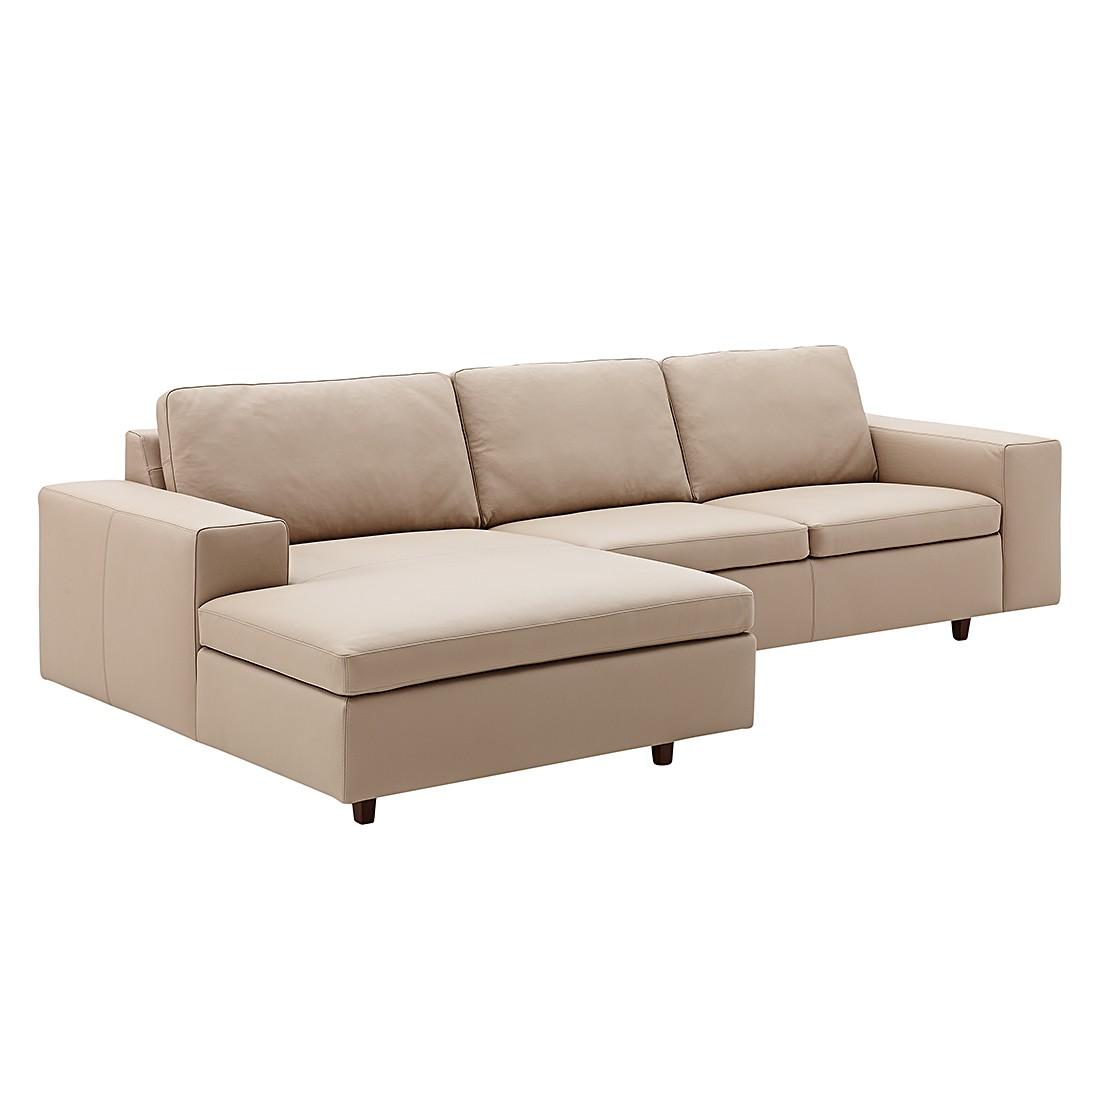 farbe taupe preisvergleiche erfahrungsberichte und kauf bei nextag. Black Bedroom Furniture Sets. Home Design Ideas